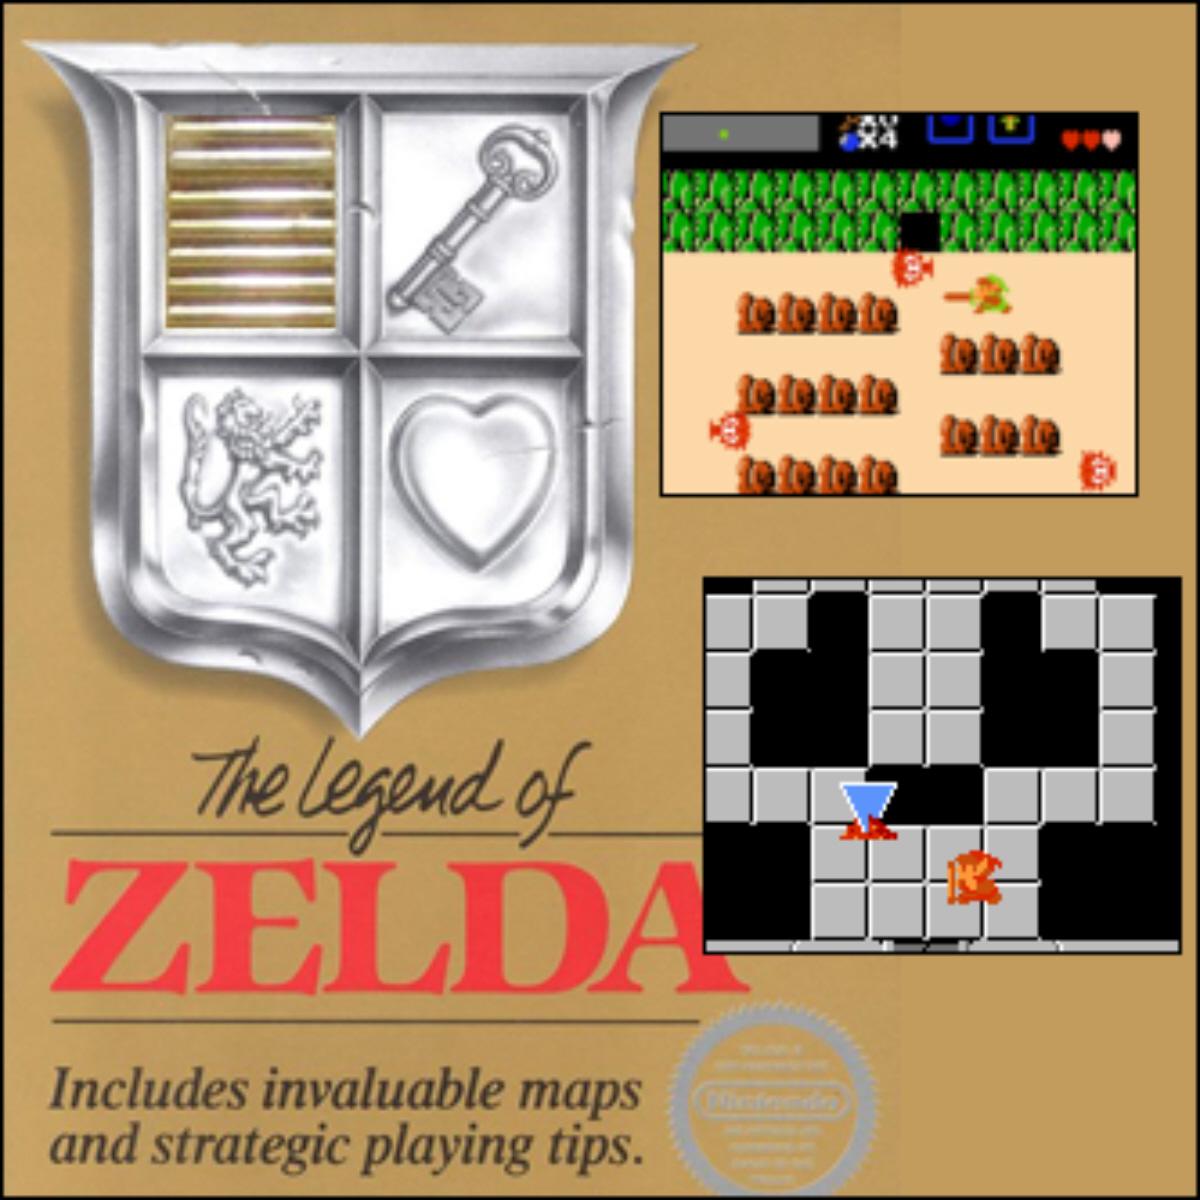 nes-zelda-cover-art-and-screenshots-banner